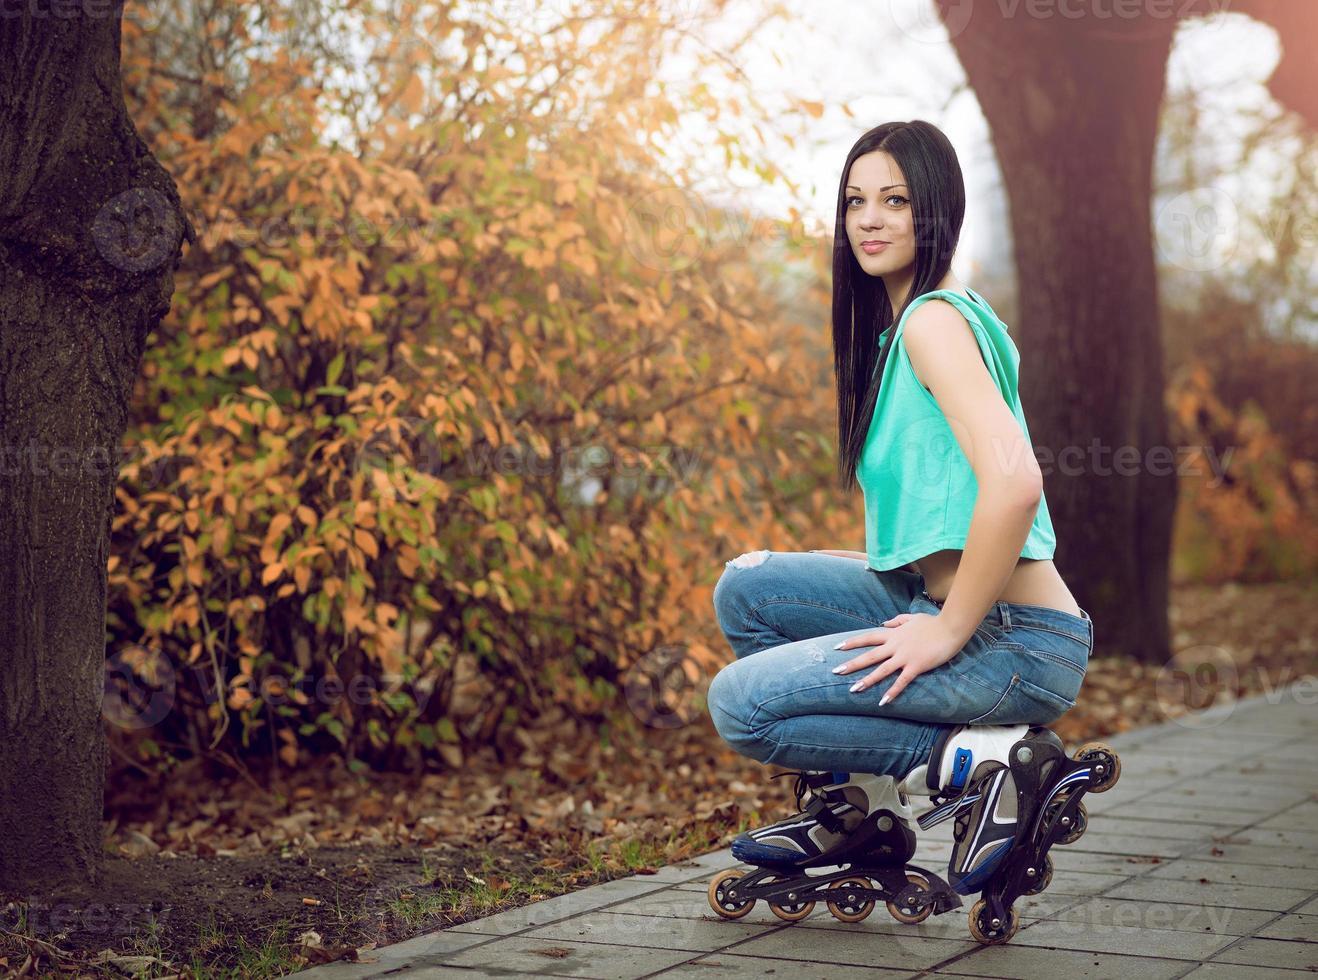 Niña arrodillada sobre patines. foto